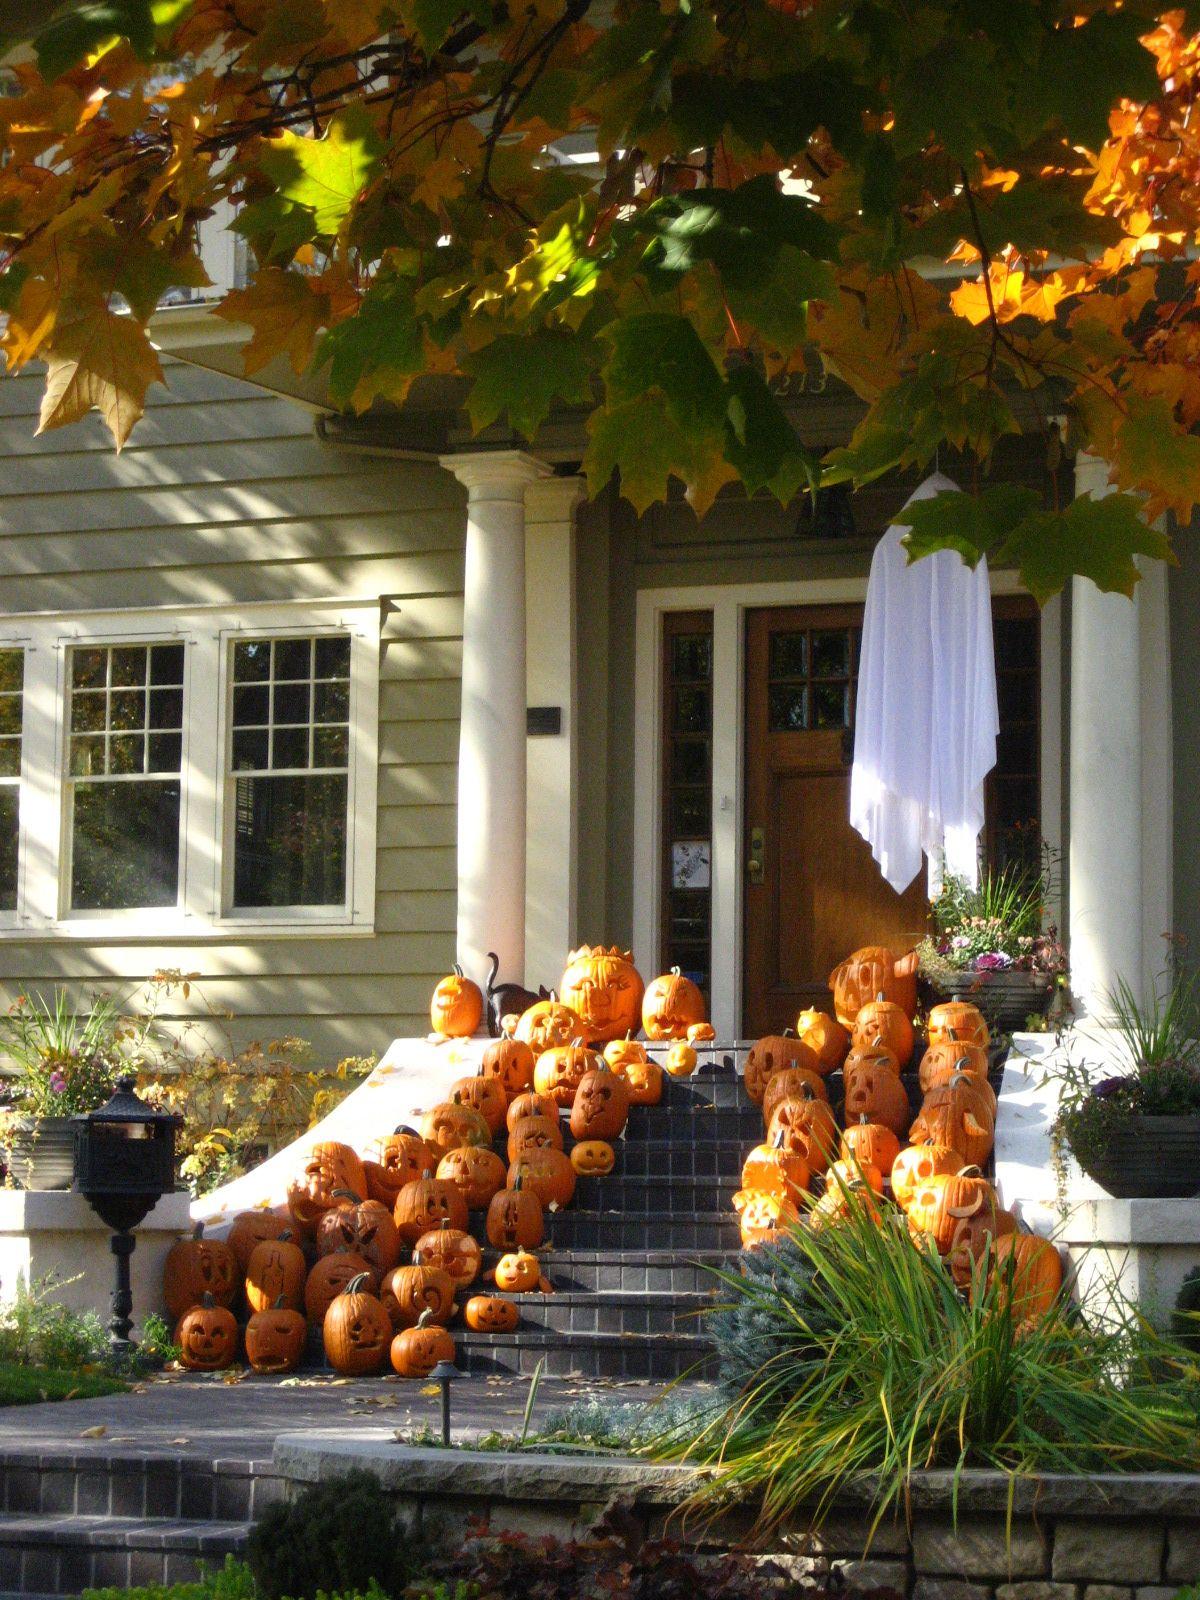 2020 Harrison Blvd Halloween Boise Idaho Halloween on Harrison Blvd.   Boise, Idaho Photo by Nan Pelletier